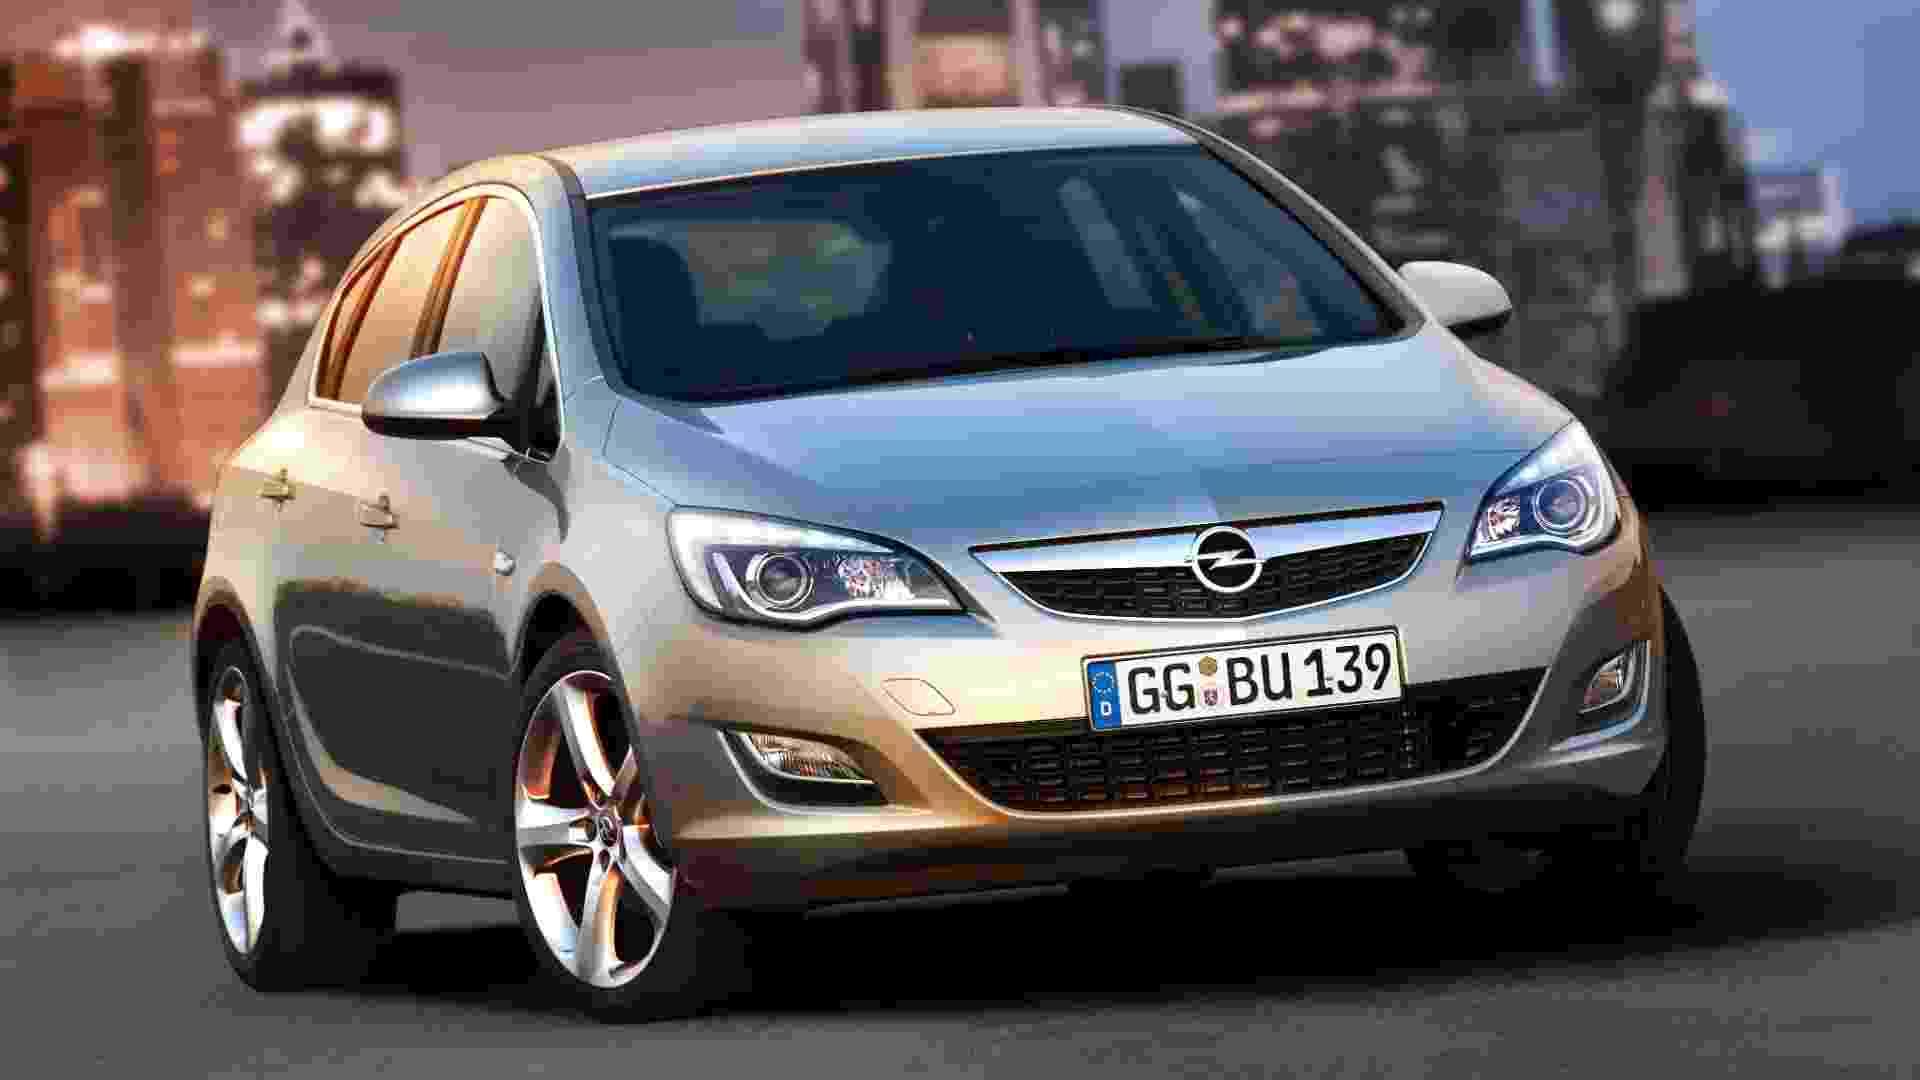 Novo Opel Astra estreia no Salão de Moscou (Rússia) no final de agosto, com sete opções de motorização para a Europa (quatro a gasolina e três a diesel) - Divulgação